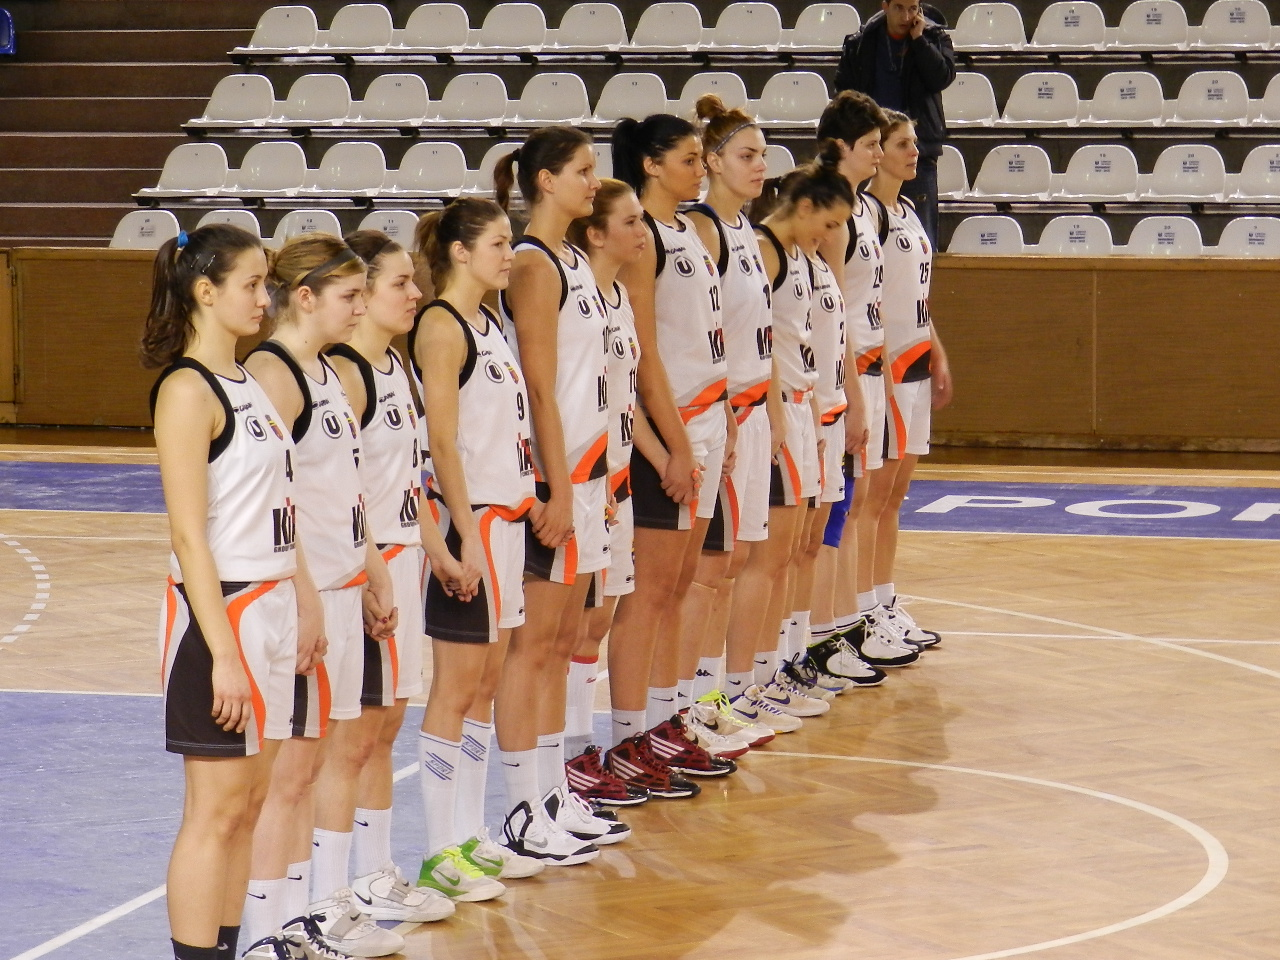 U Cluj - Baschet feminin